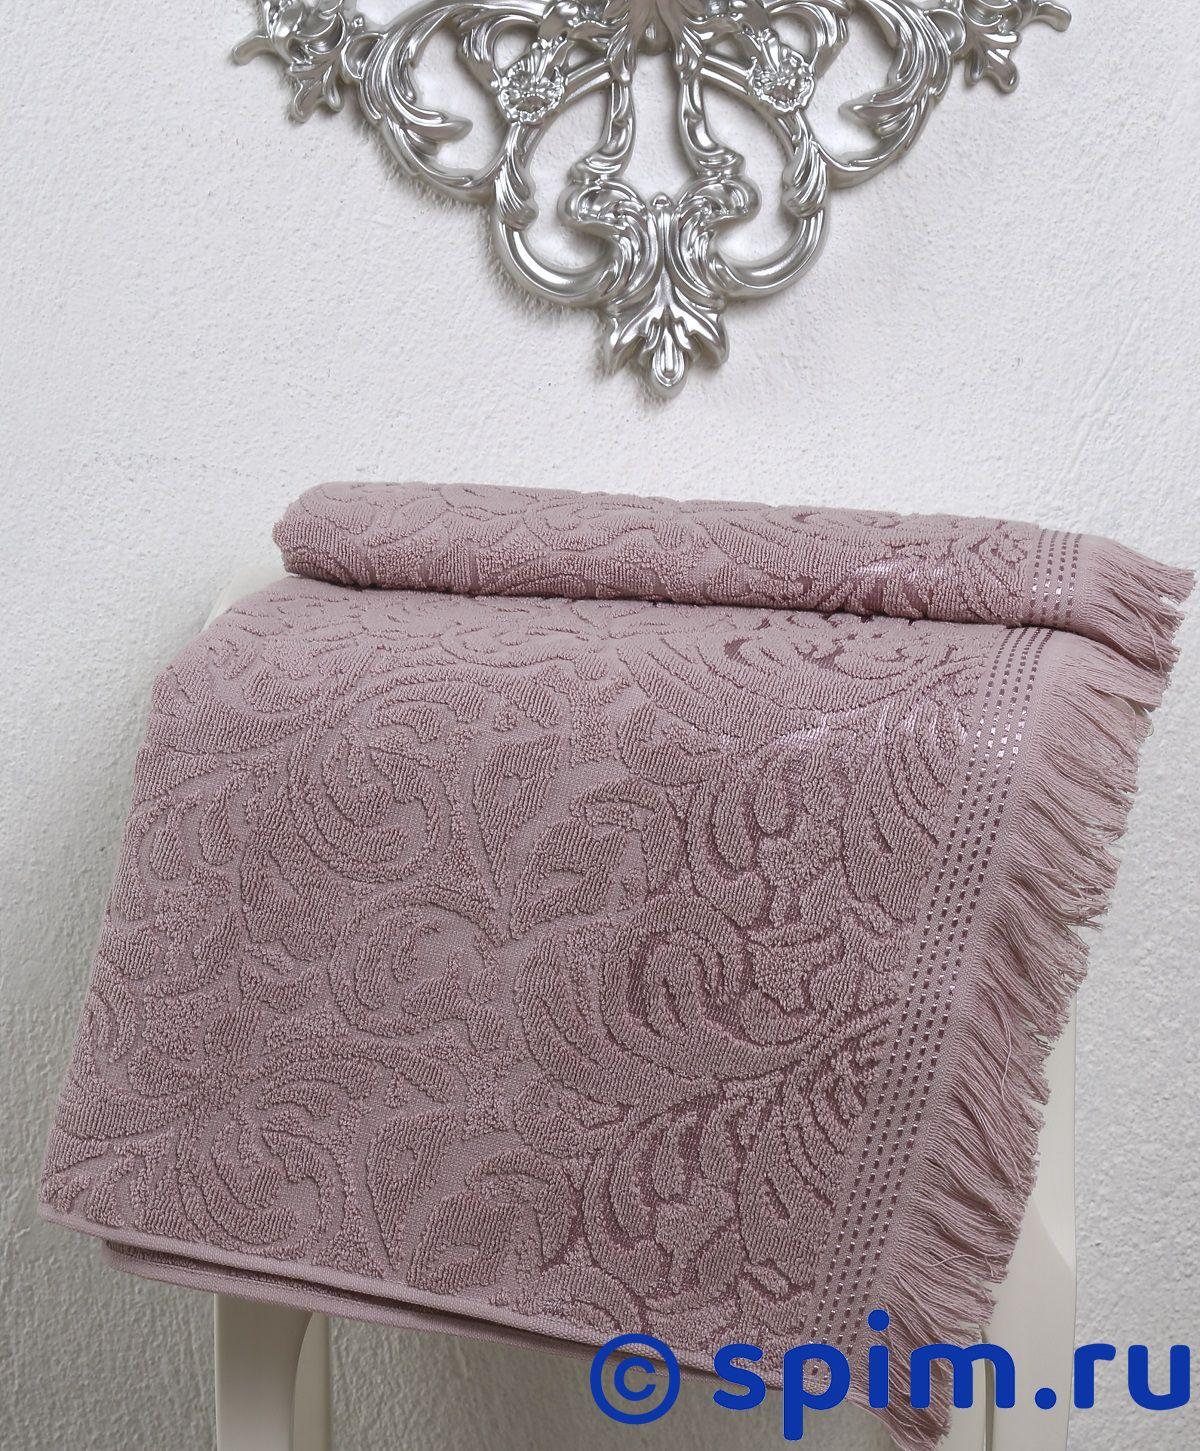 Полотенце Karna Esra 70х140 см, грязно-розовое комплект махровых полотенец karna esra 50x90 70х140 см 1158865